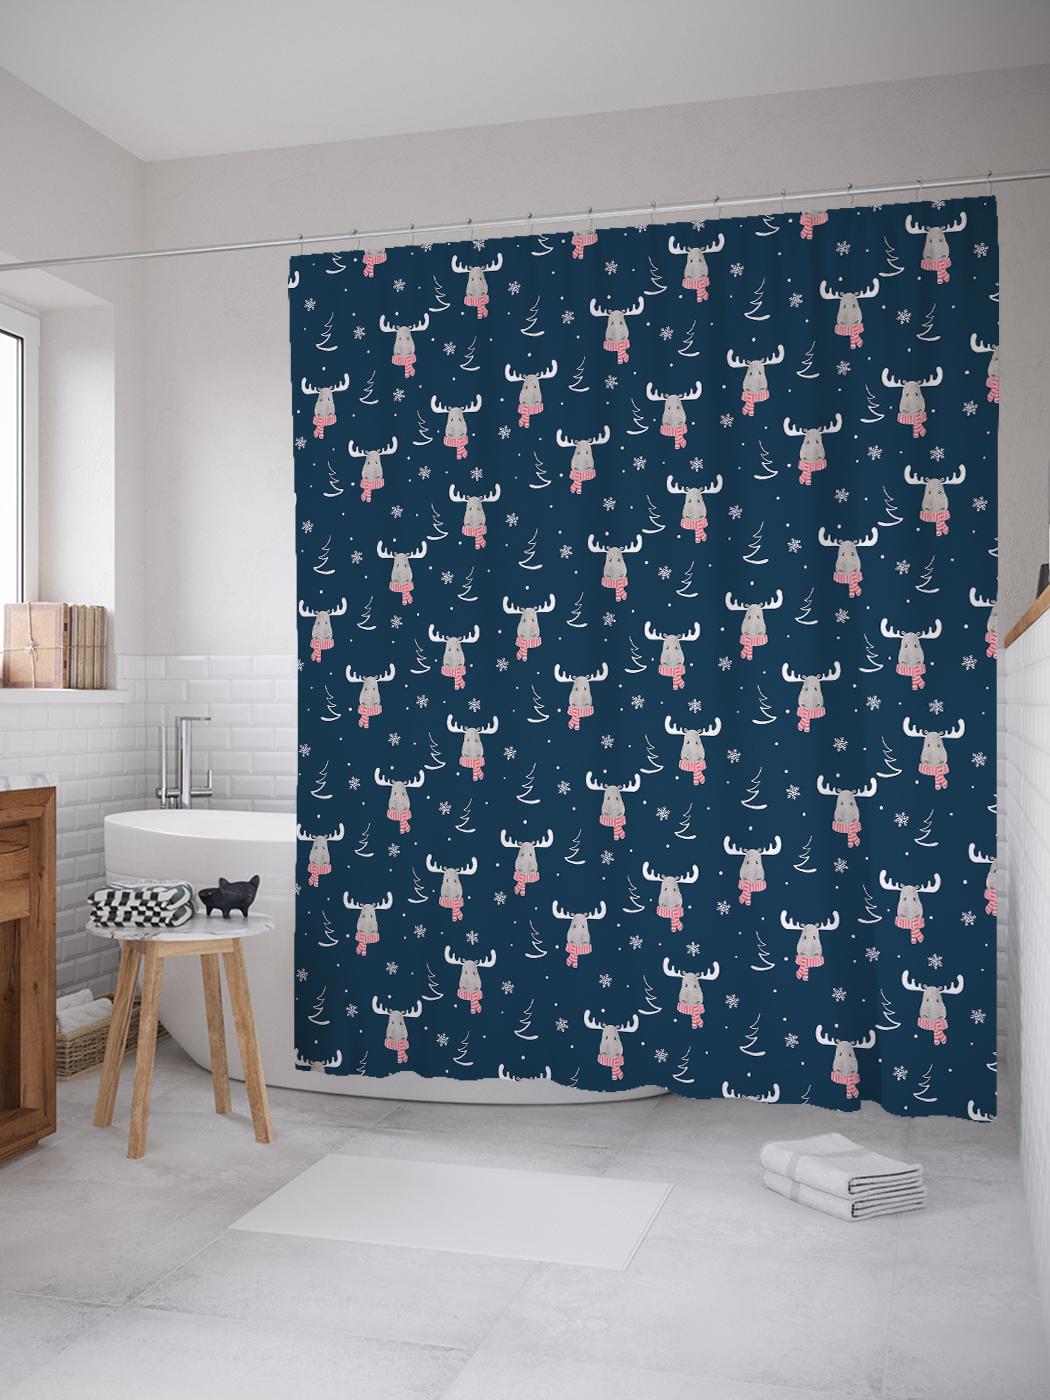 JoyArty Штора (занавеска) для ванной «Модный лось» из ткани, 180х200 см с крючками